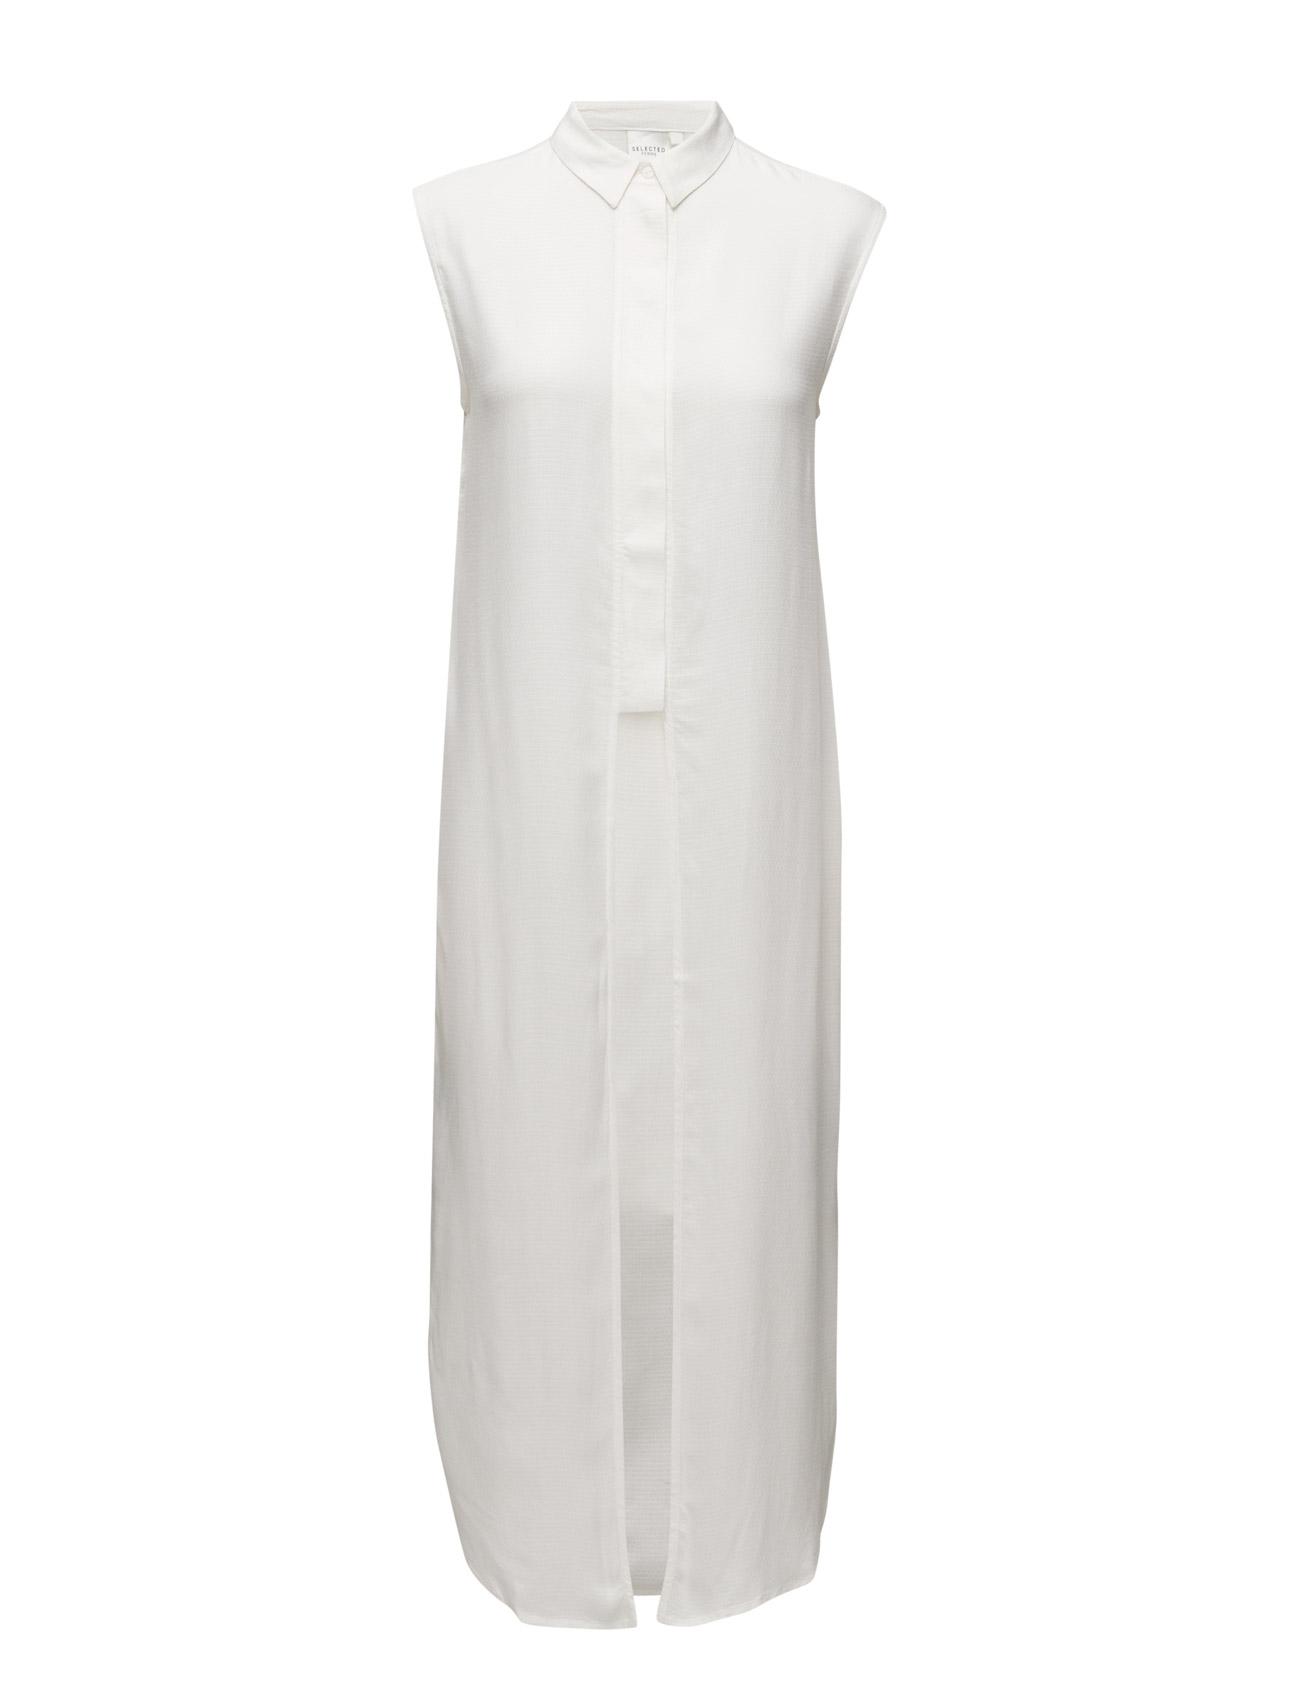 Sfkrisa Sl Long Shirt Ex Selected Femme ®rmeløse til Kvinder i Sne hvid